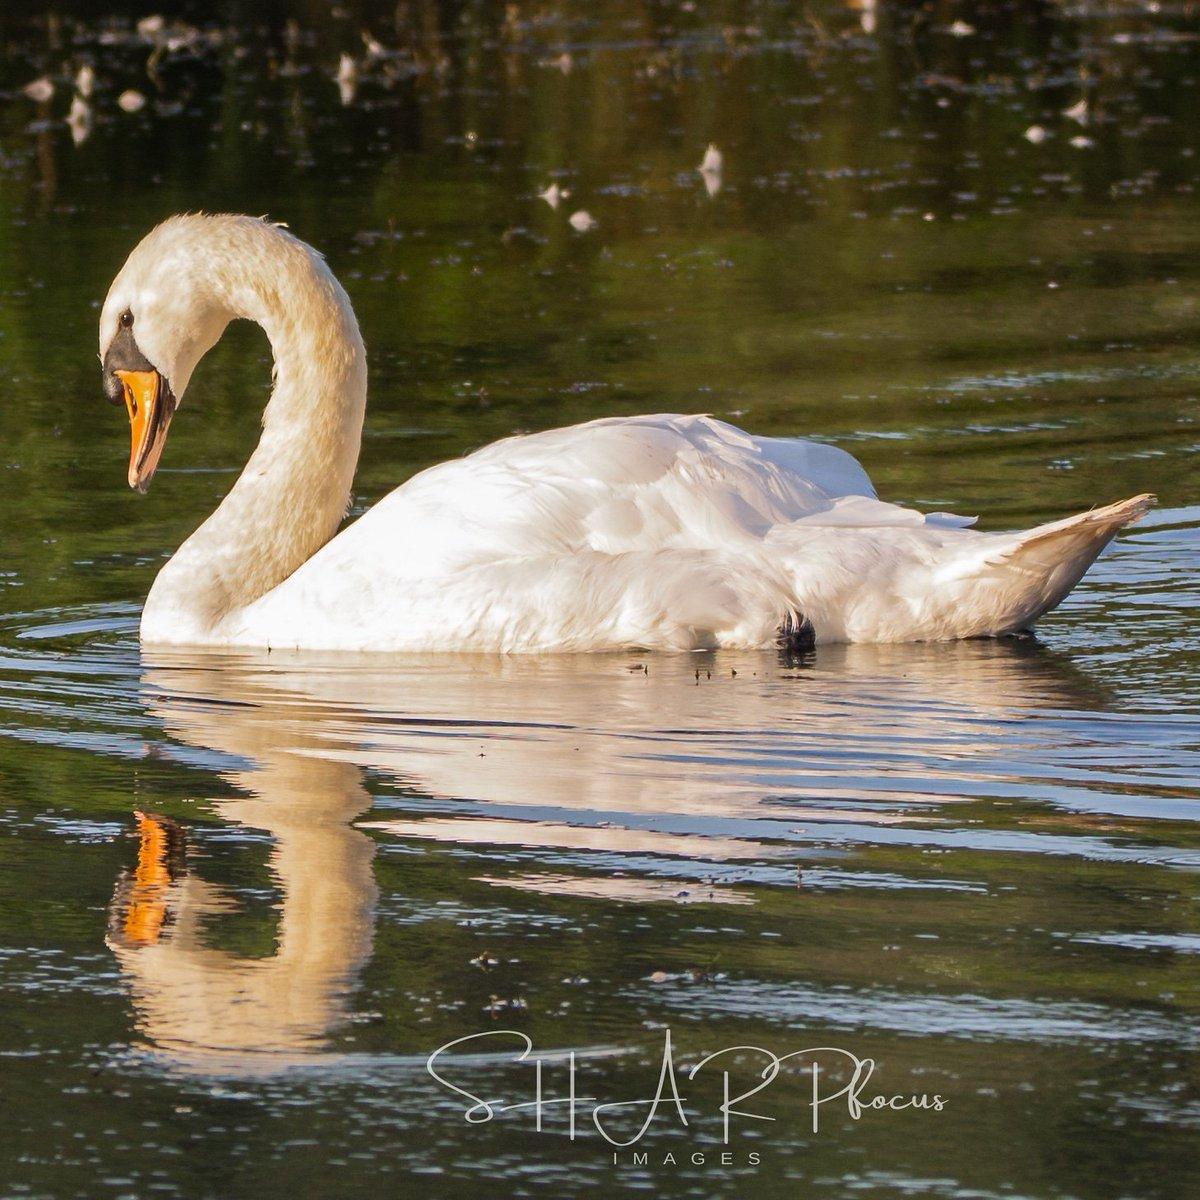 Mute Swan at dawn. North Wales. July 2020 Canon + Sigma lens 150-600 mm. ISO1600 f/6.3 1/600. #swan #muteswan #whiteswan #gardenbirds #ukbirds #ukgardenbirds #birdsuk #sharpfocusimages #ukwildlife #bbcspringwatch #rspb #northwaleswildlifetrust #rspbcymru #britishbirds #birds